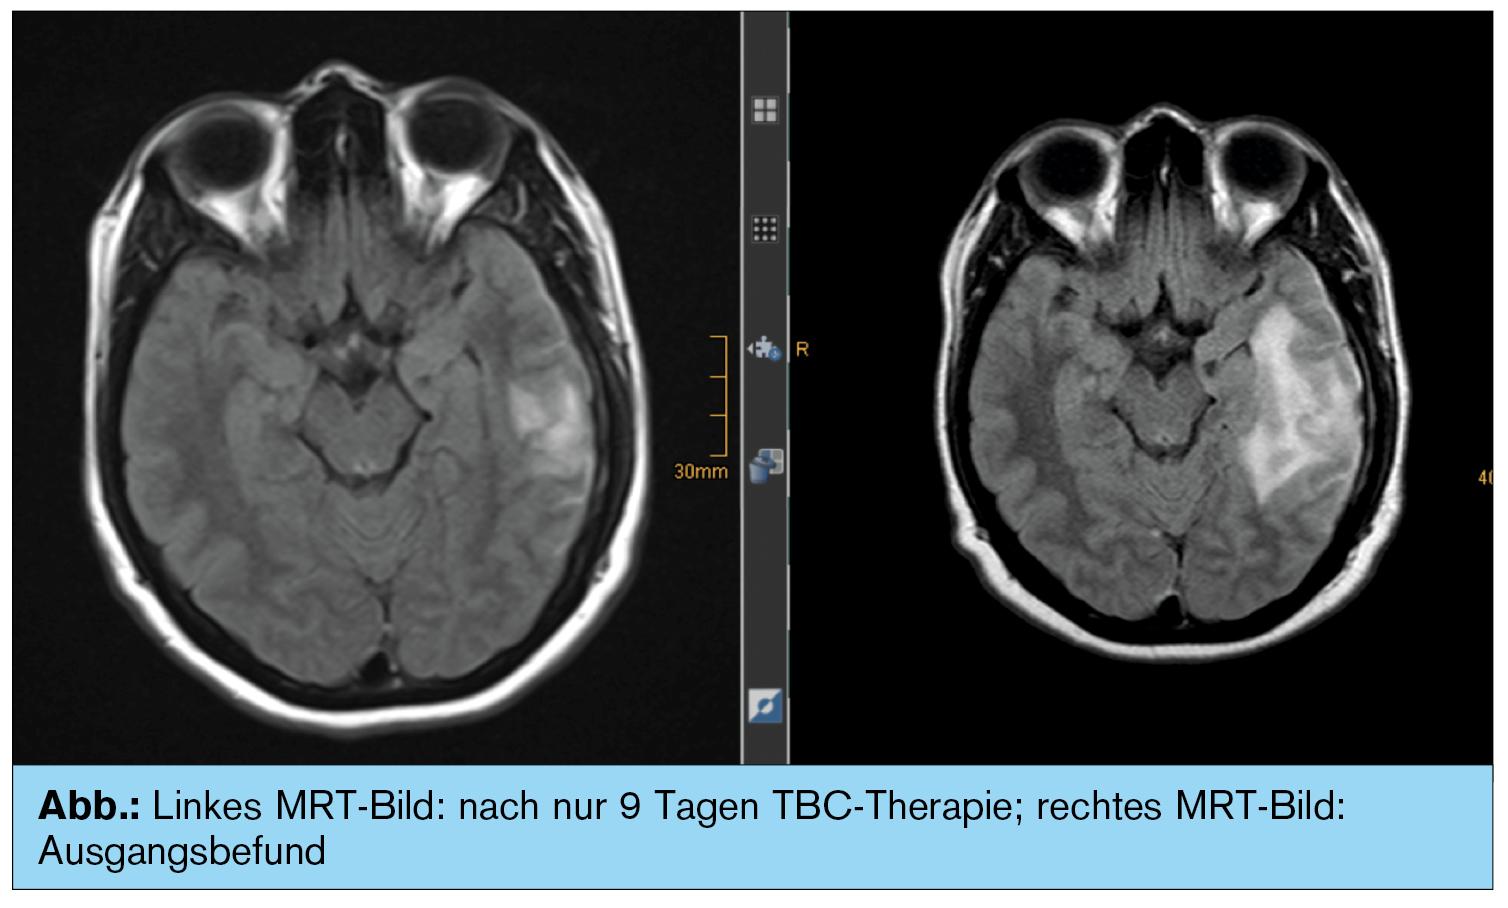 Vom Kinderwunsch zur ZNS-Tuberkulose | Universum Innere Medizin ...